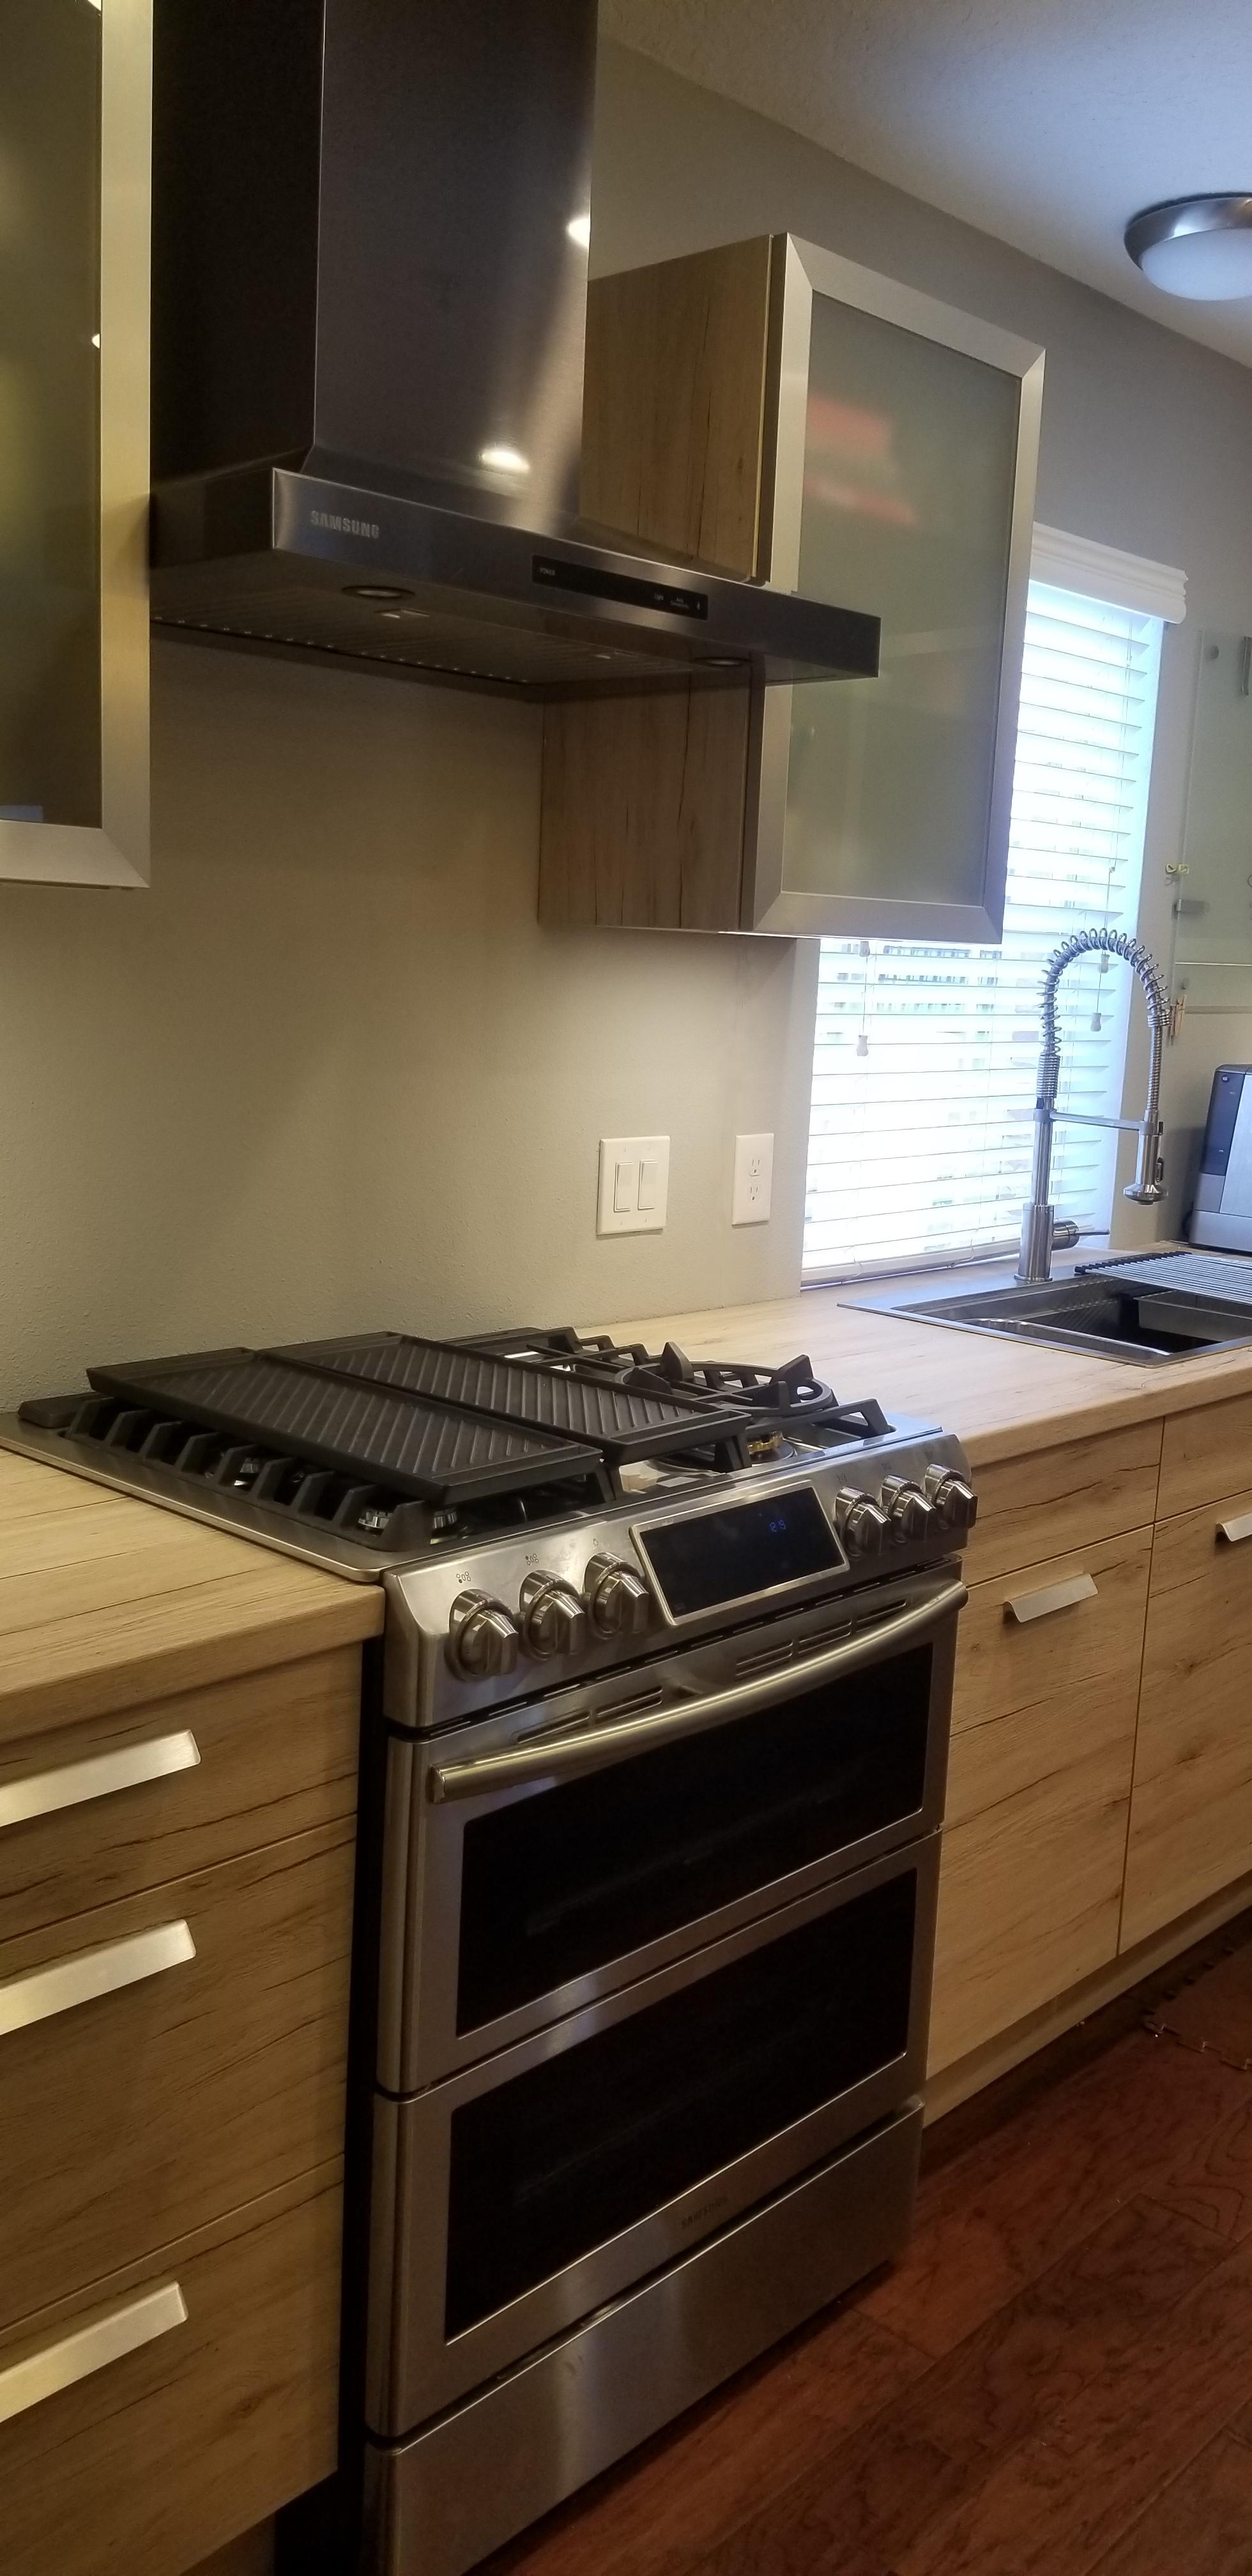 European kitchens in Houston, TX